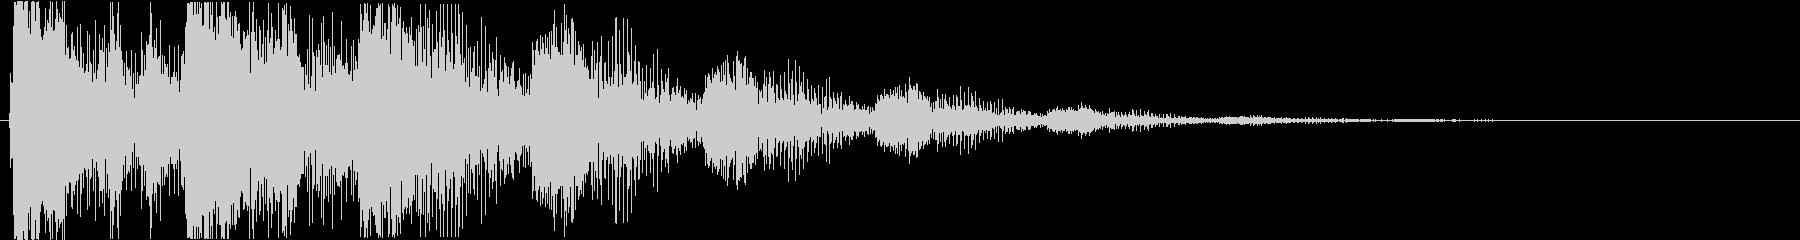 プッ:ラッパの音・失敗・バカにするcの未再生の波形